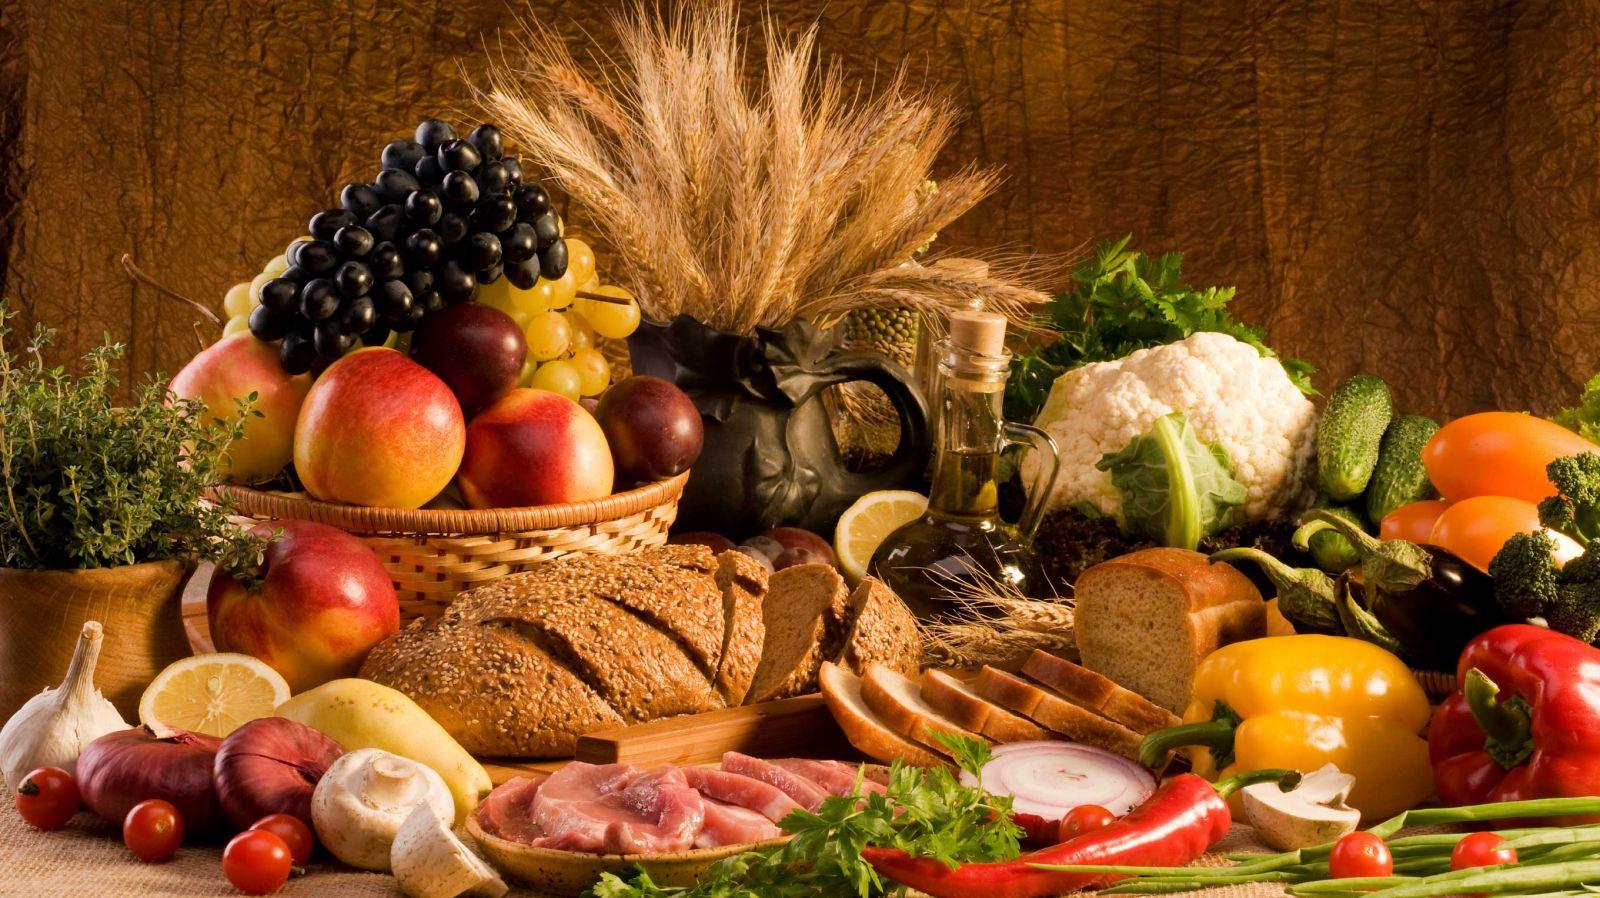 Nhiều hóa chất bảo quản thực phẩm có thể gây nguy cơ béo phì và hàng loạt bệnh nguy hiểm khác. Ảnh minh họa